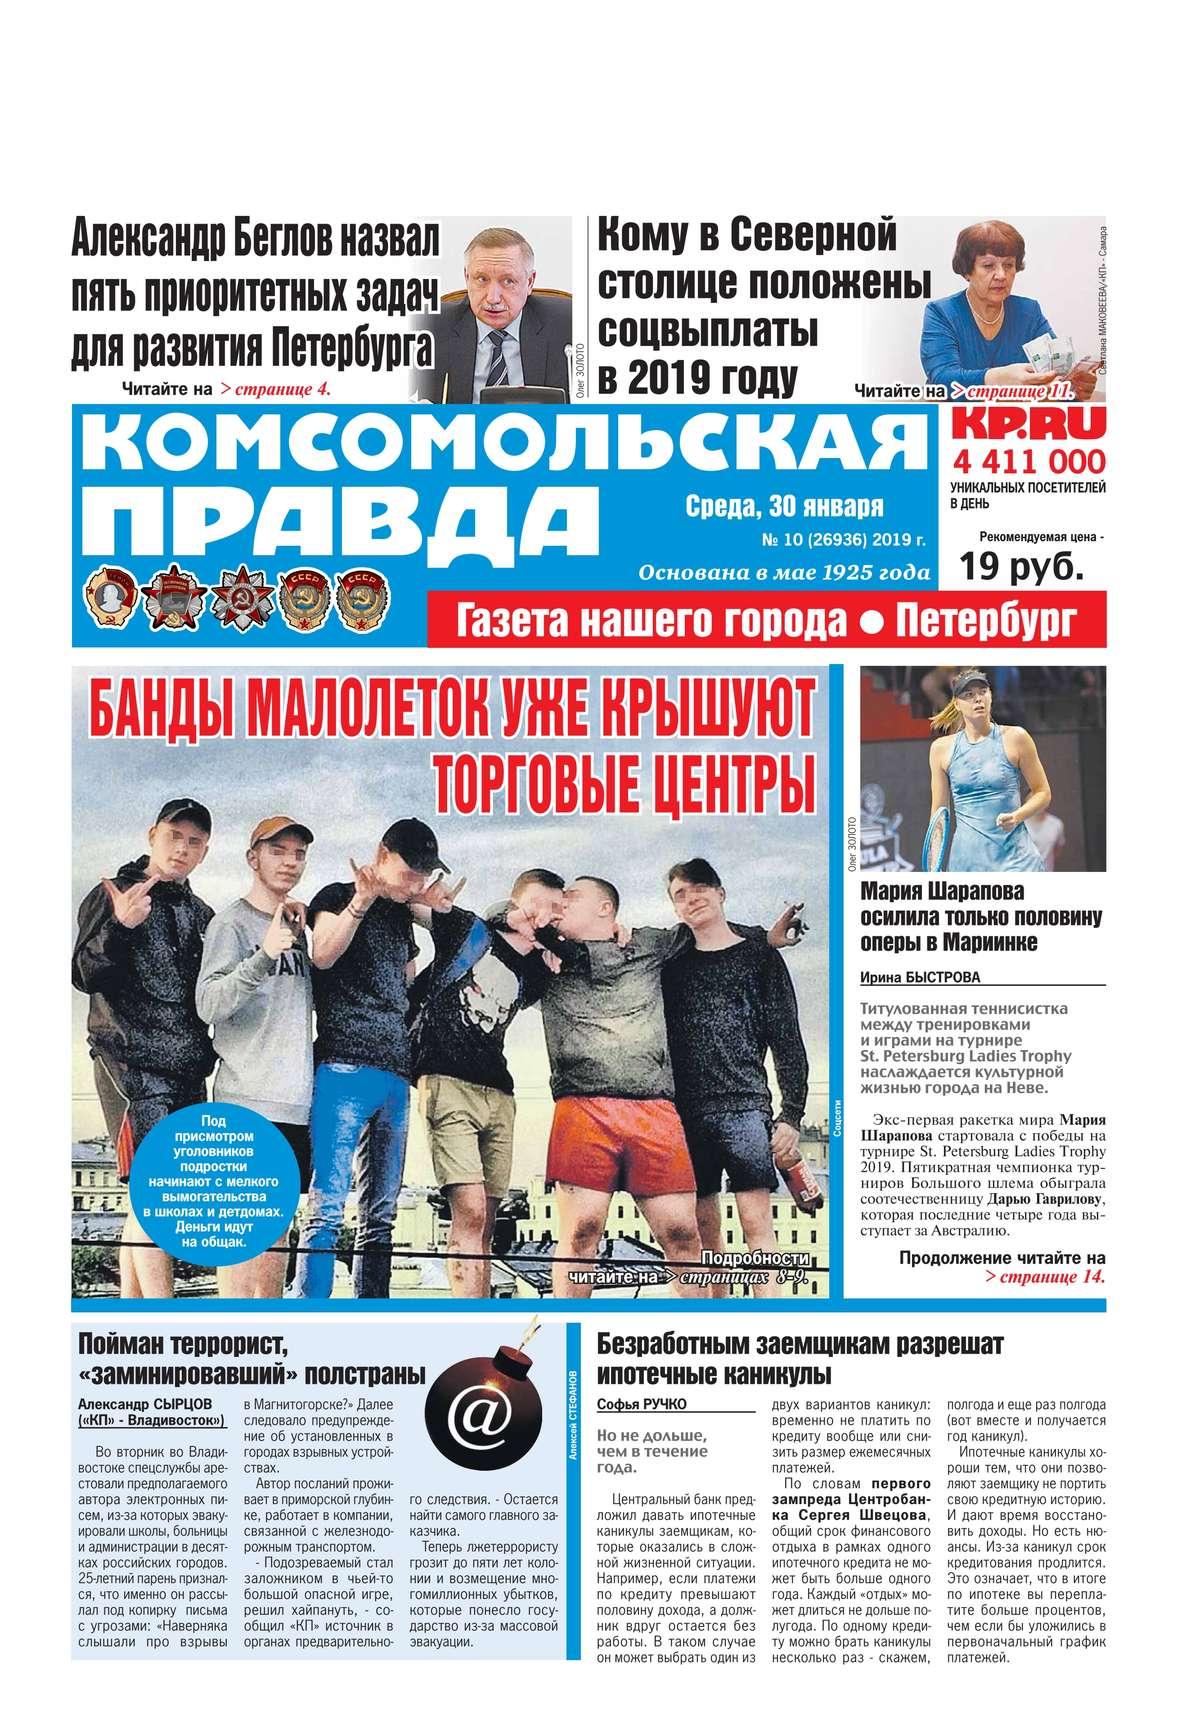 Комсомольская Правда. Санкт-Петербург 10-2019